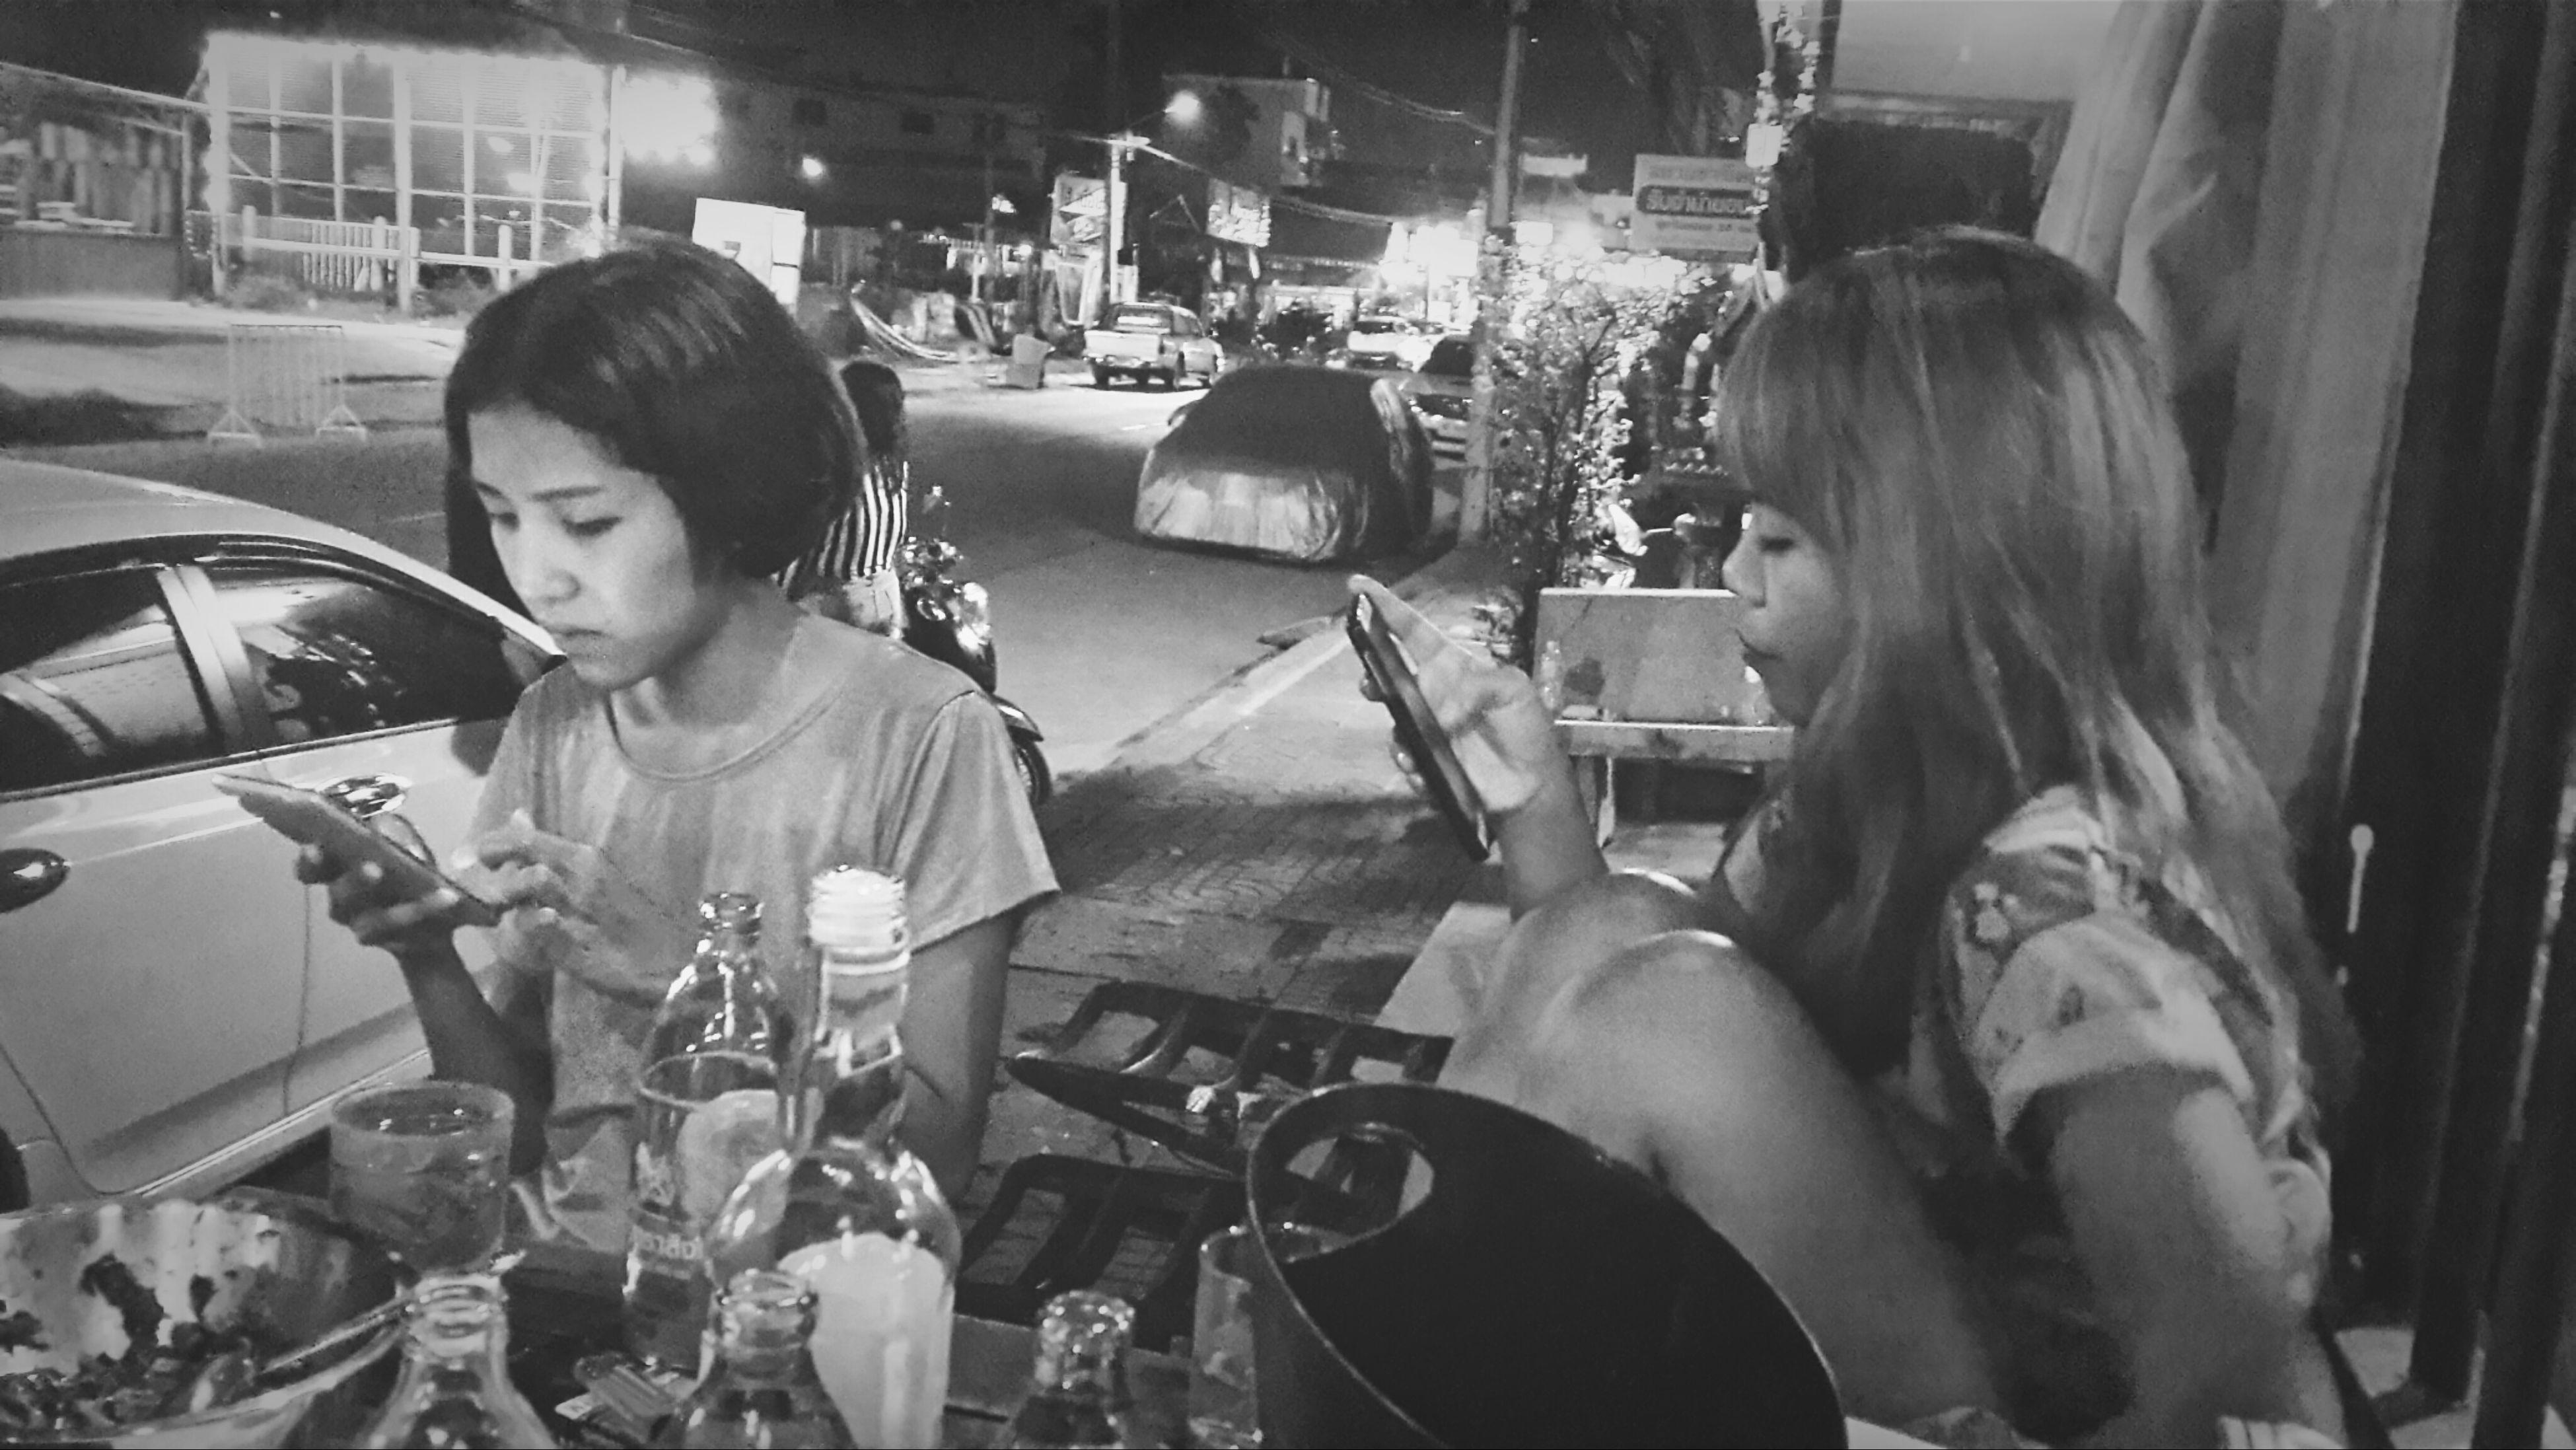 Phone Friends Drinking Drinker